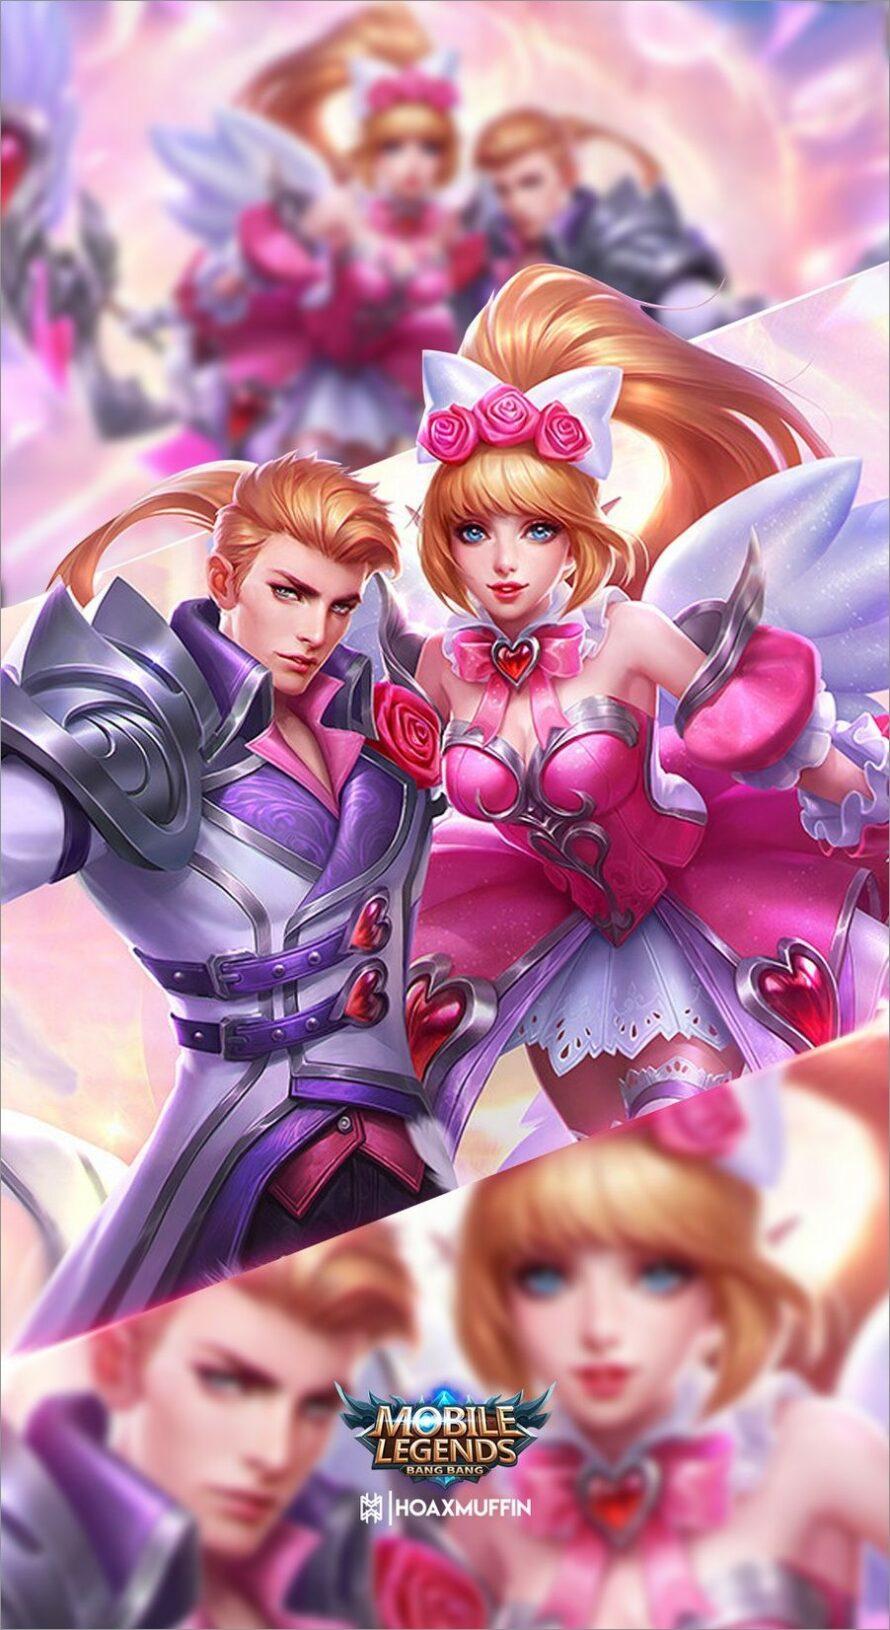 Wallpaper Alucard Ml Full Hd Pasangan Hero Mobile Legends 890x1630 Wallpaper Teahub Io